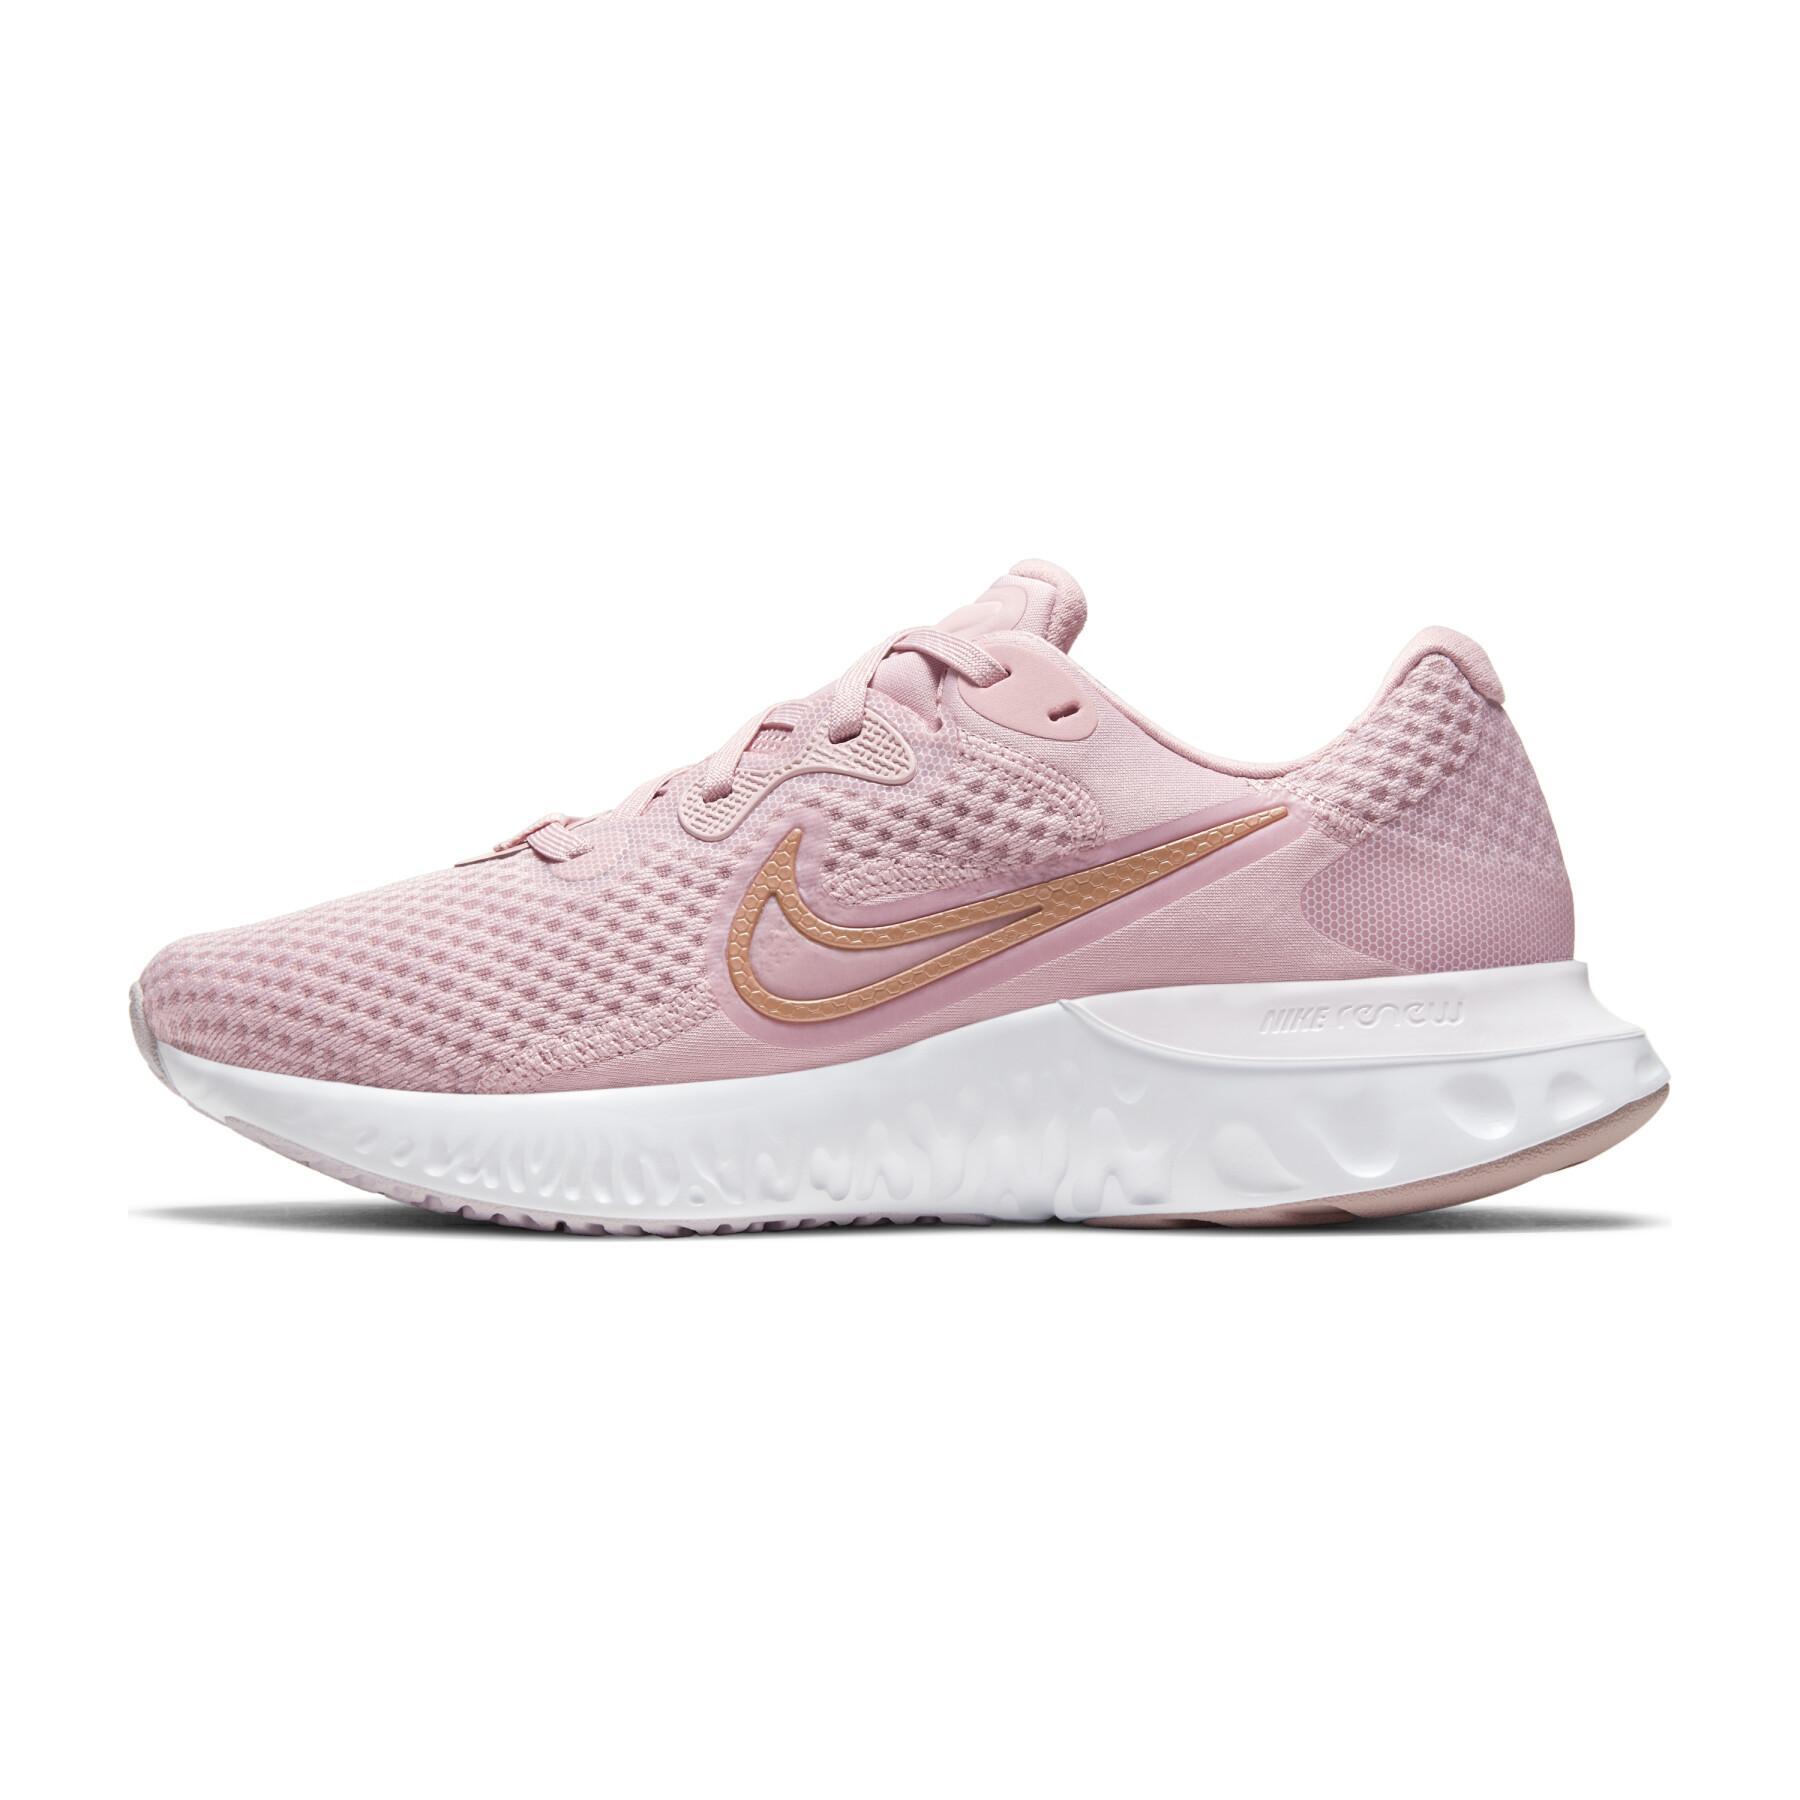 Women's shoes Nike Renew Run 2